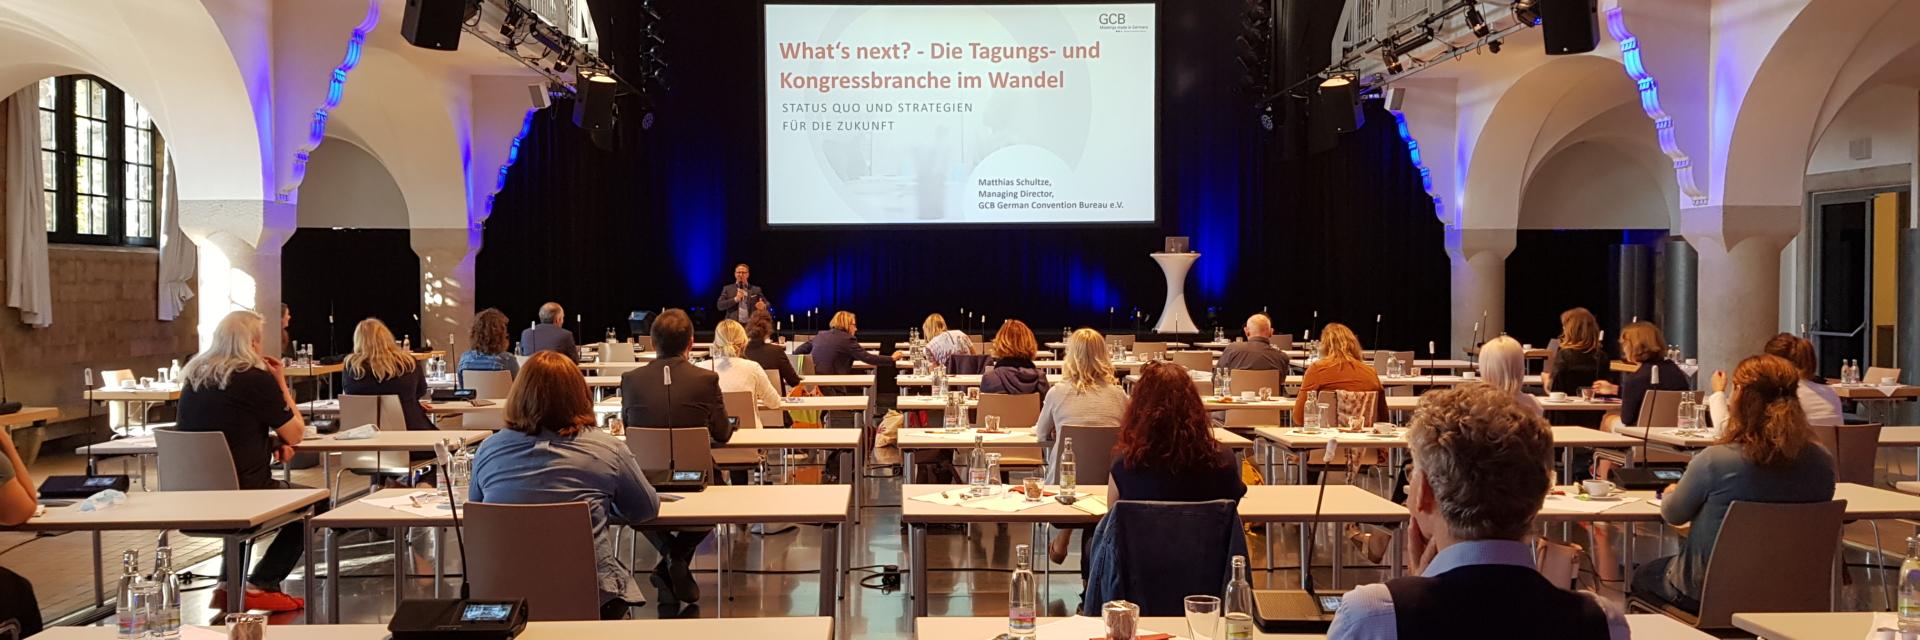 Tagungen der Zukunft - Das Treffen der Tagungsallianz unter Infektionsschutzmaßnahmen©JenaKultur, Foto: Maja Haufe